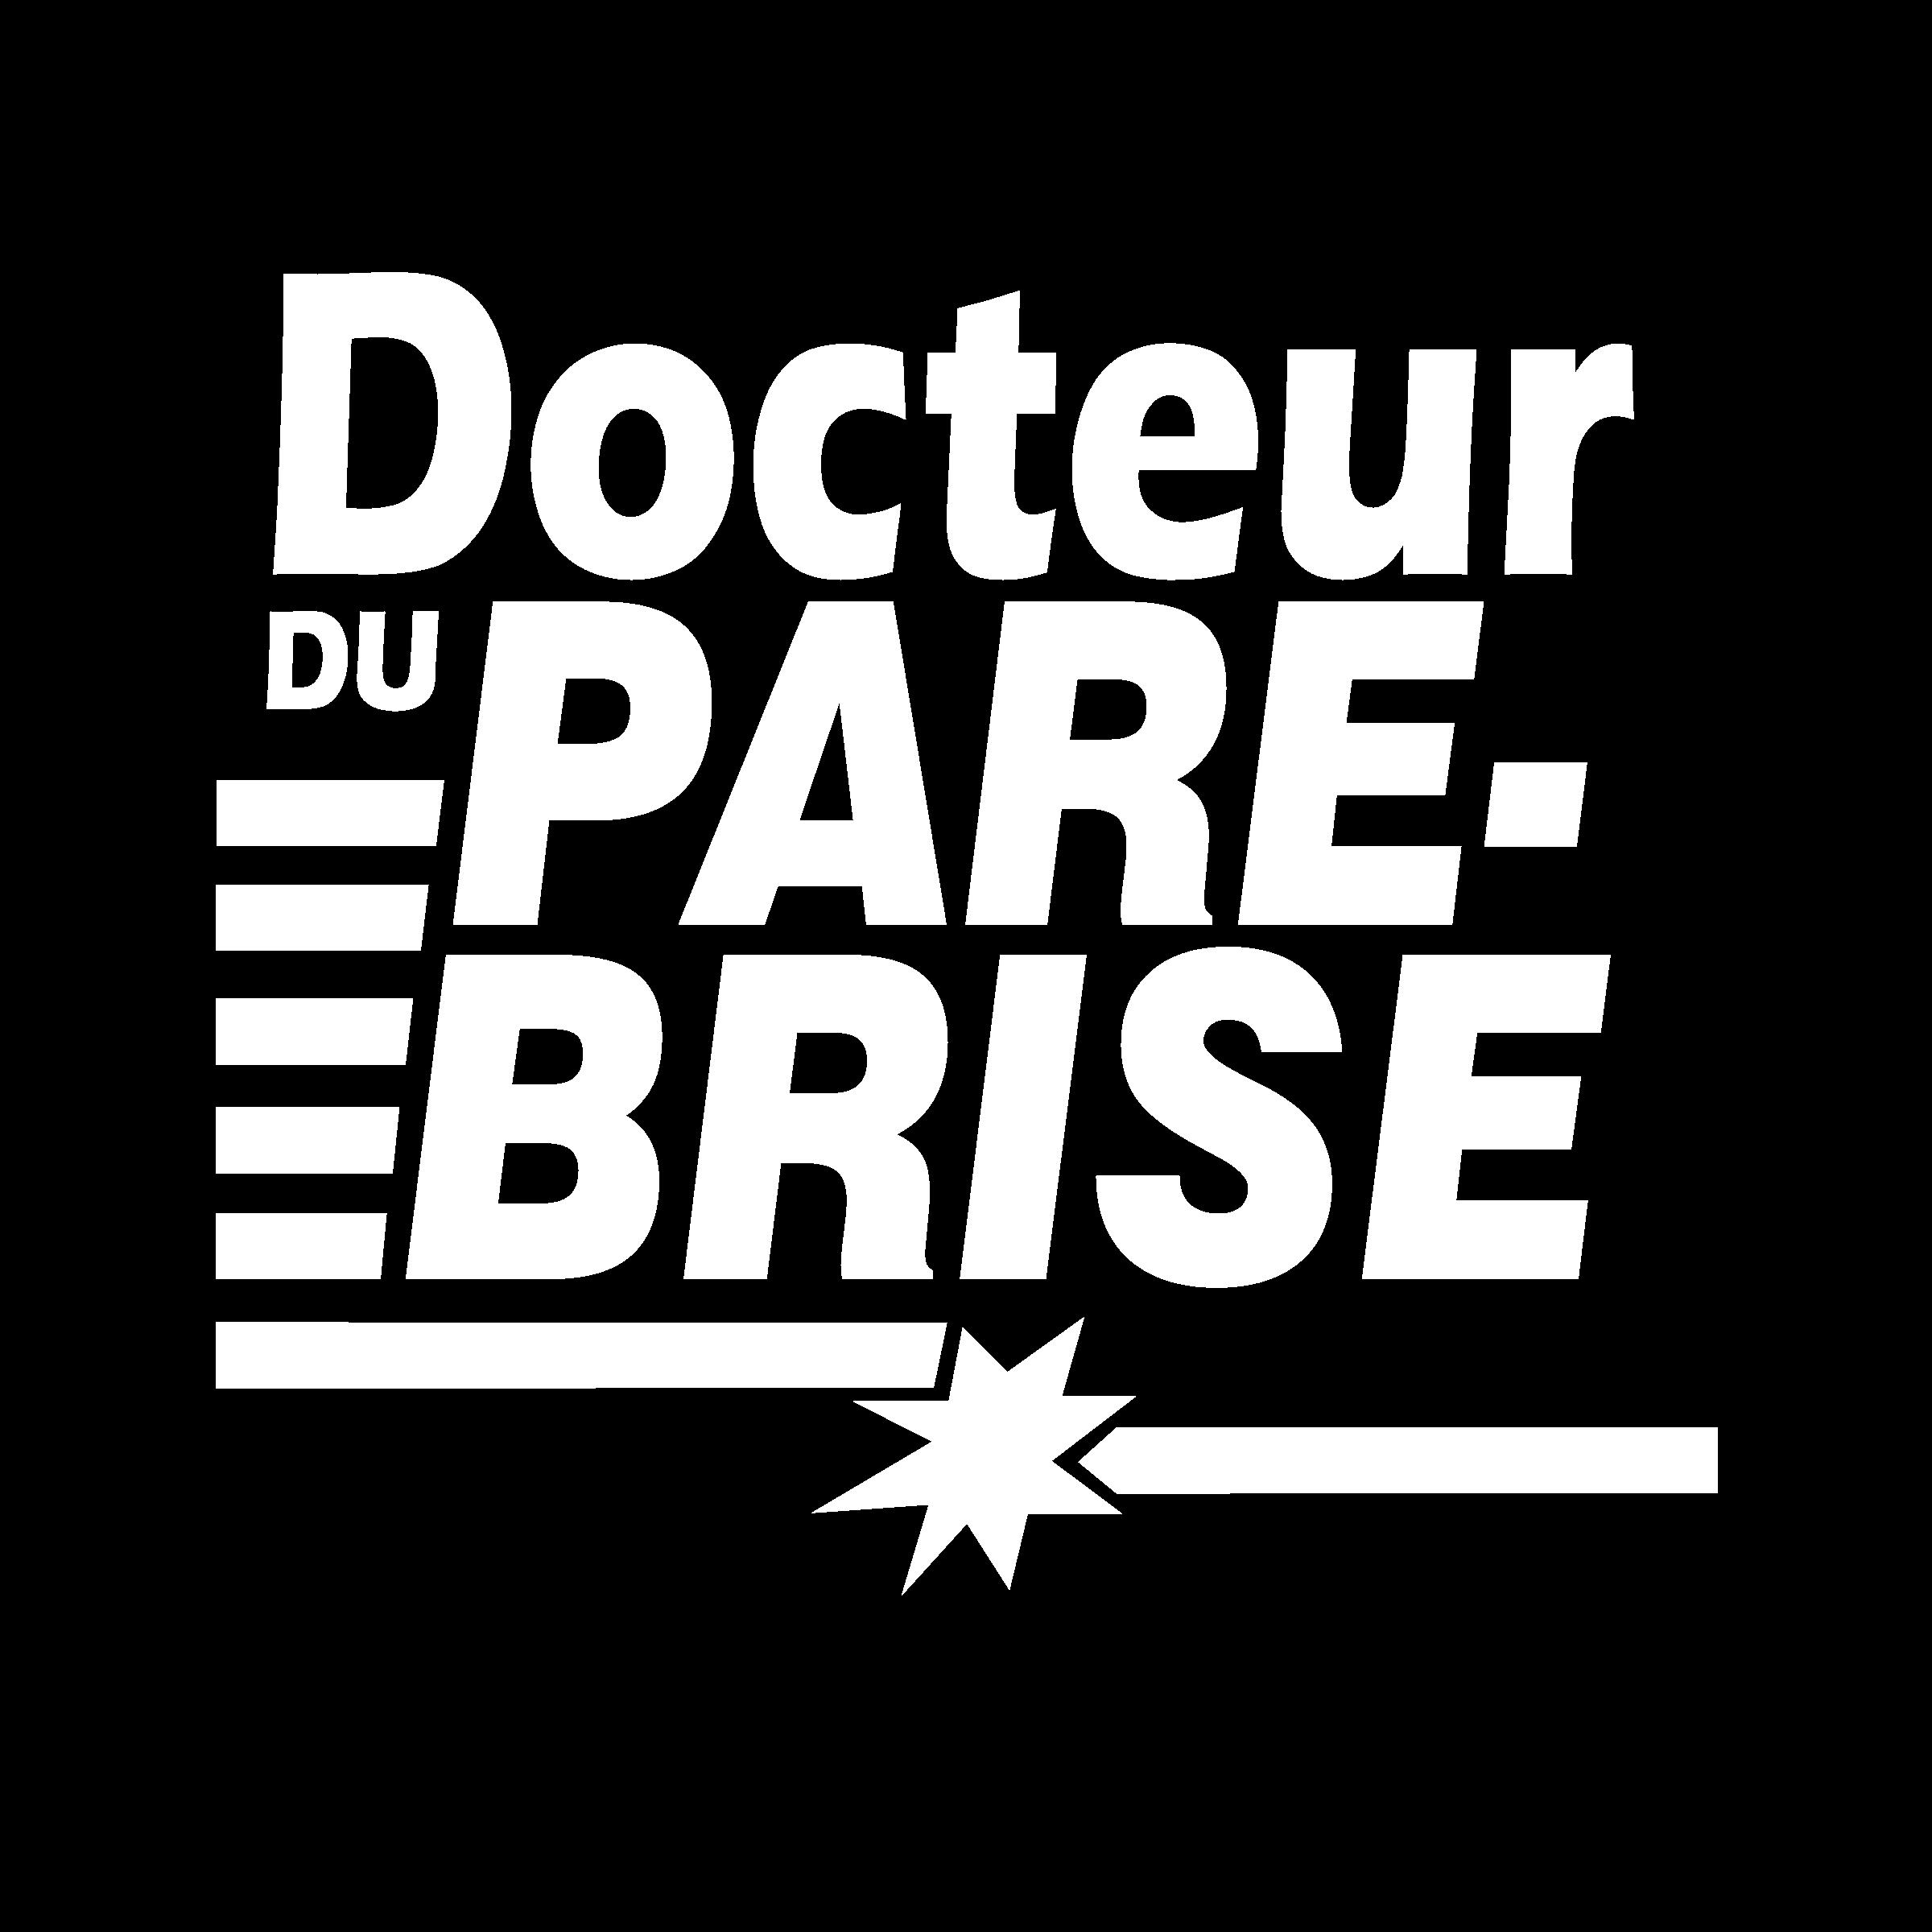 Dr Du Pare Brise >> Docteur Du Pare Brise Logo Png Transparent Svg Vector